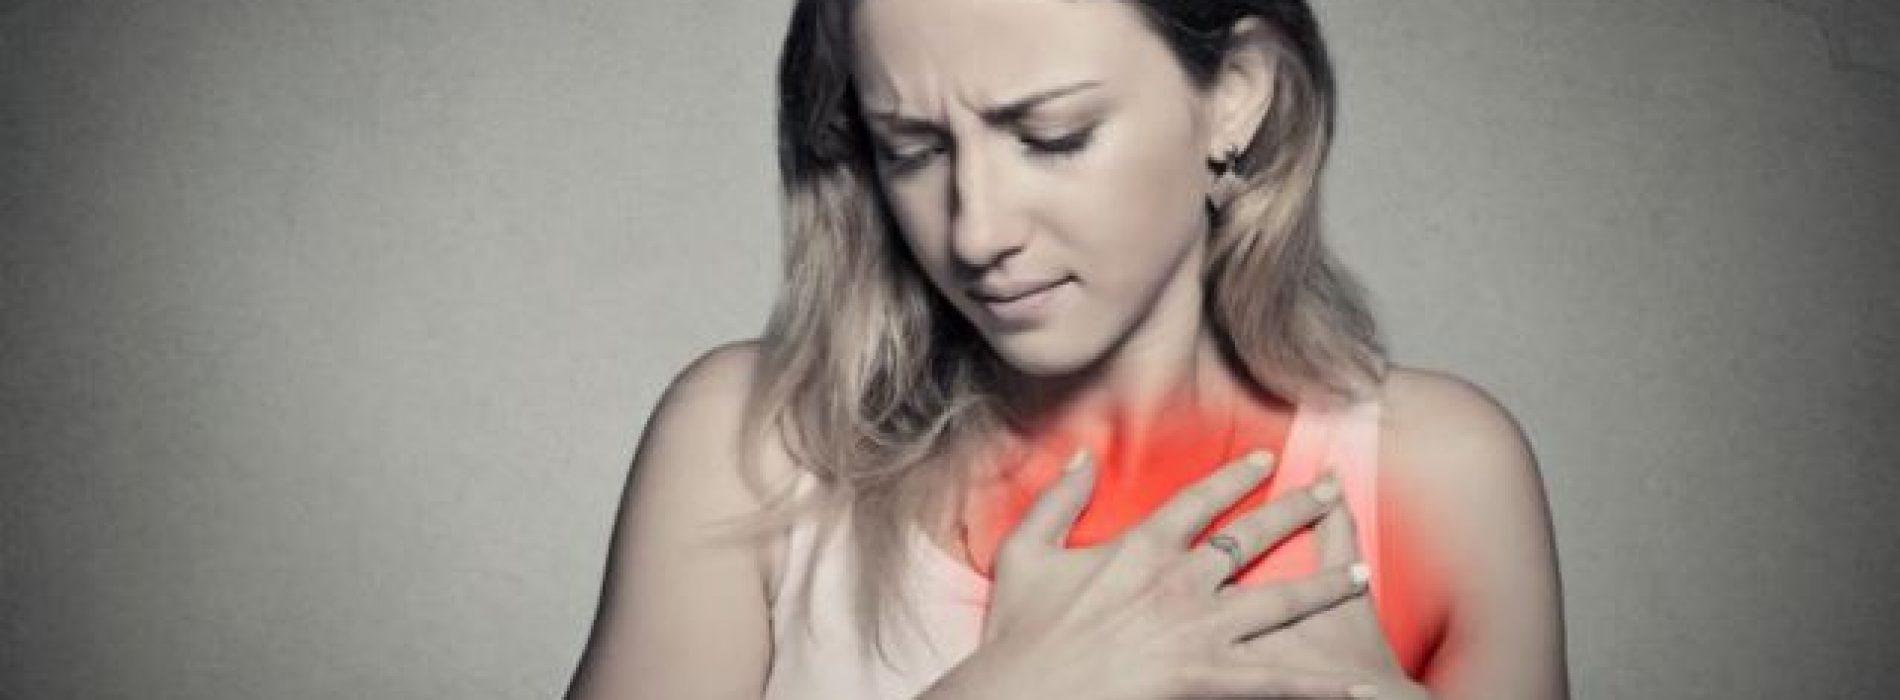 Dodelijke waarschuwingssignalen voor een hartaanval die alle vrouwen moeten weten (video)